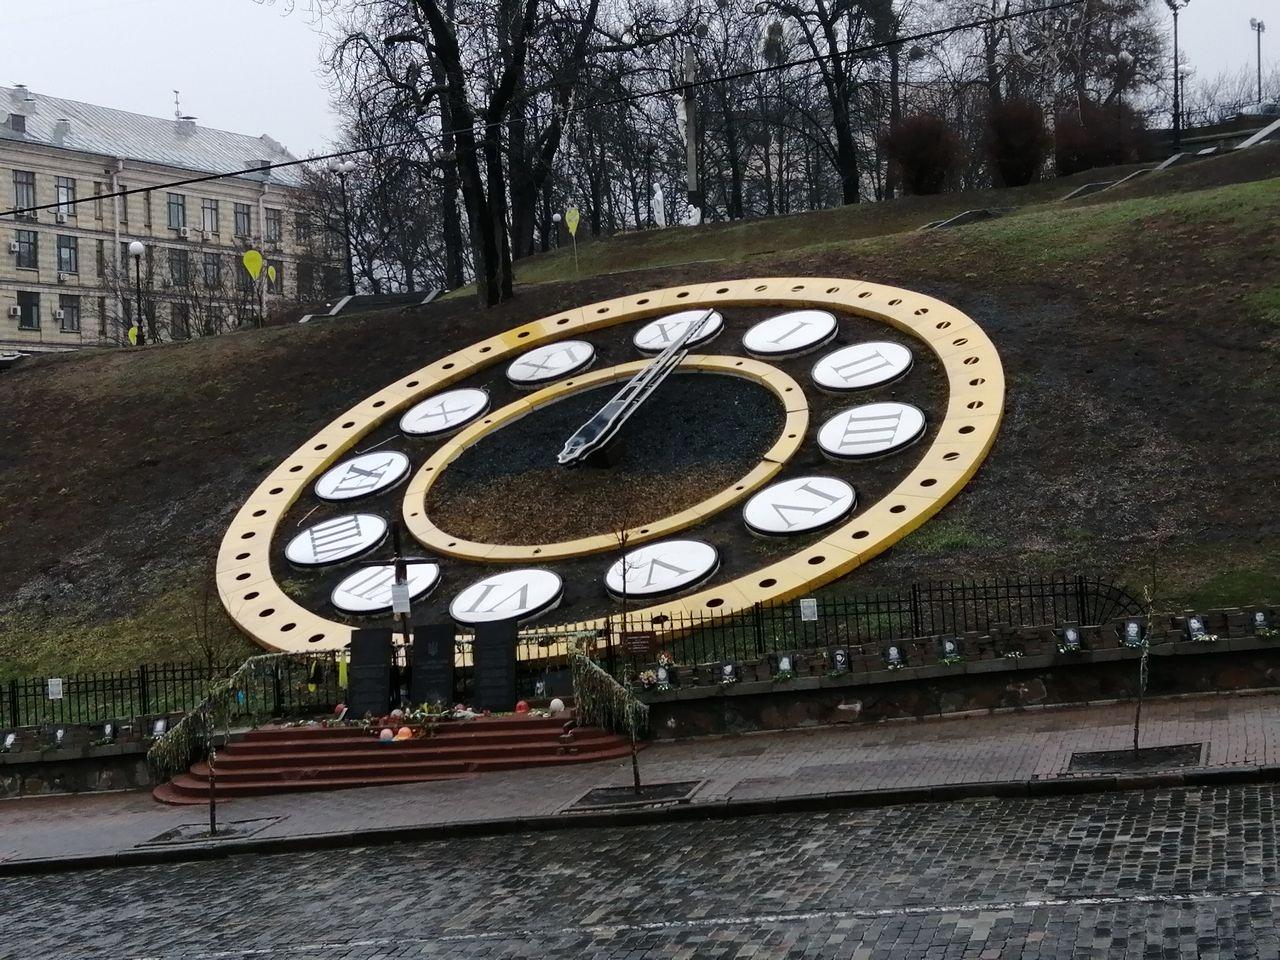 Te recomiendo visitar Kiev en 4 días para que te dé tiempo a ver los lugares más emblemáticos de la ciudad.